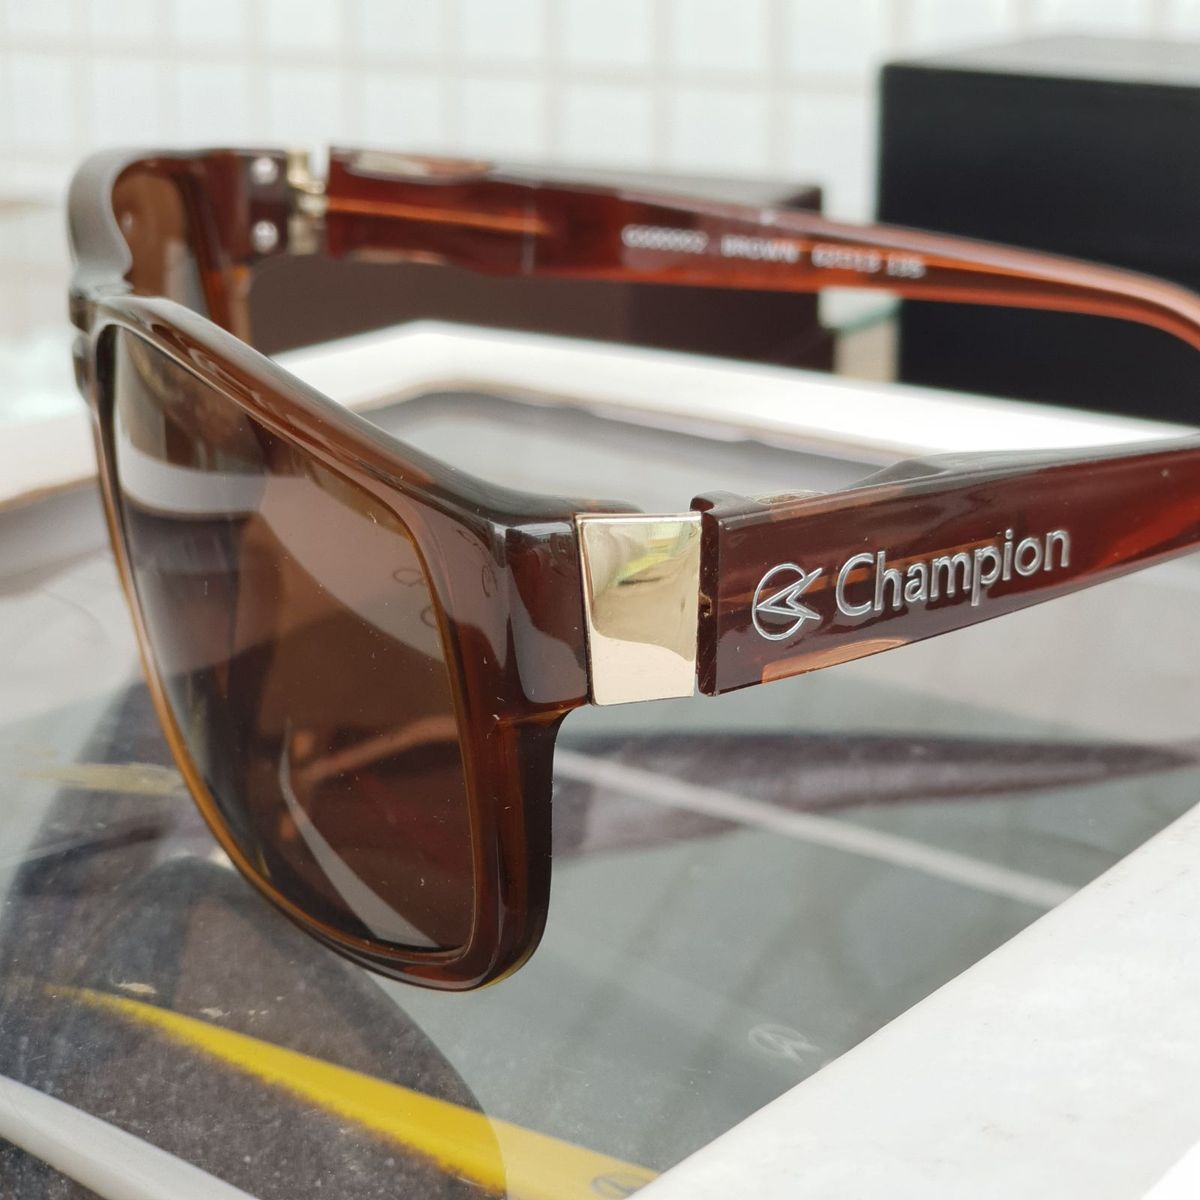 633b11fd9b5ec óculos de sol champion troca hastes - óculos champion